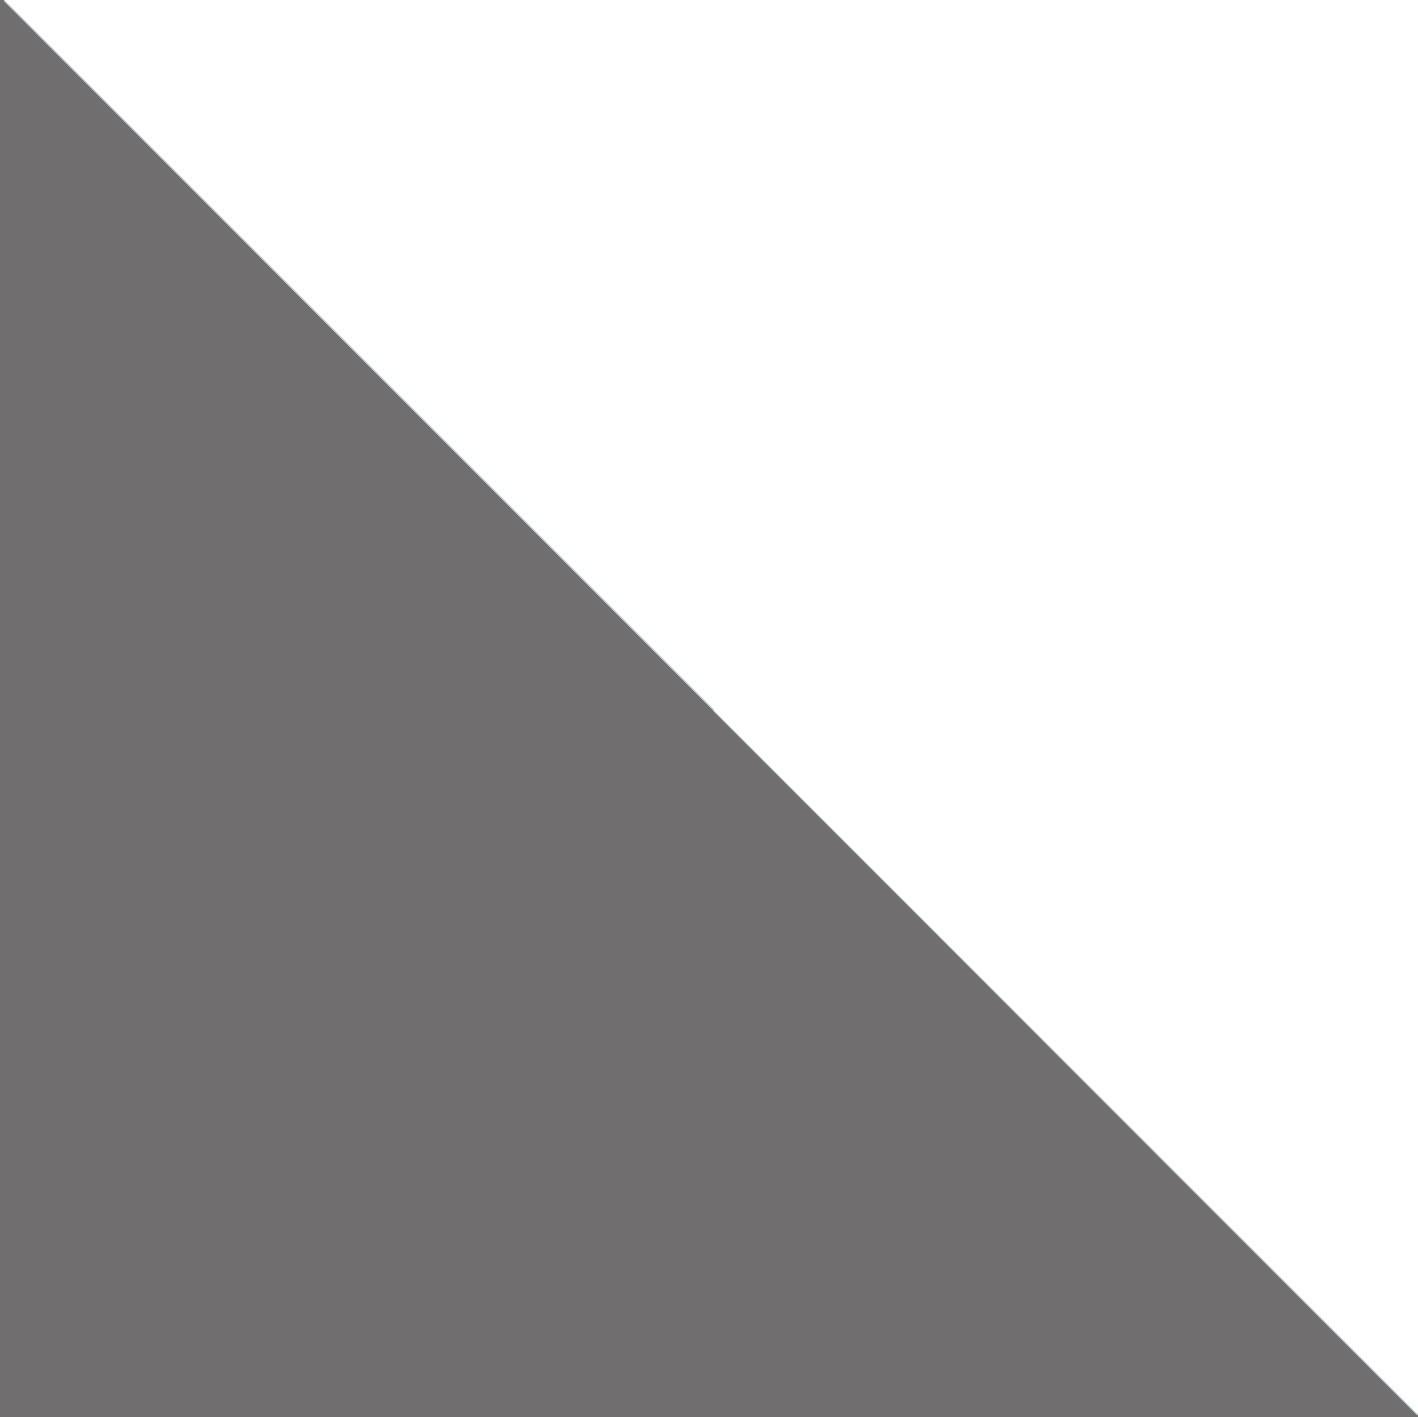 Grigio Scuro/Bianco